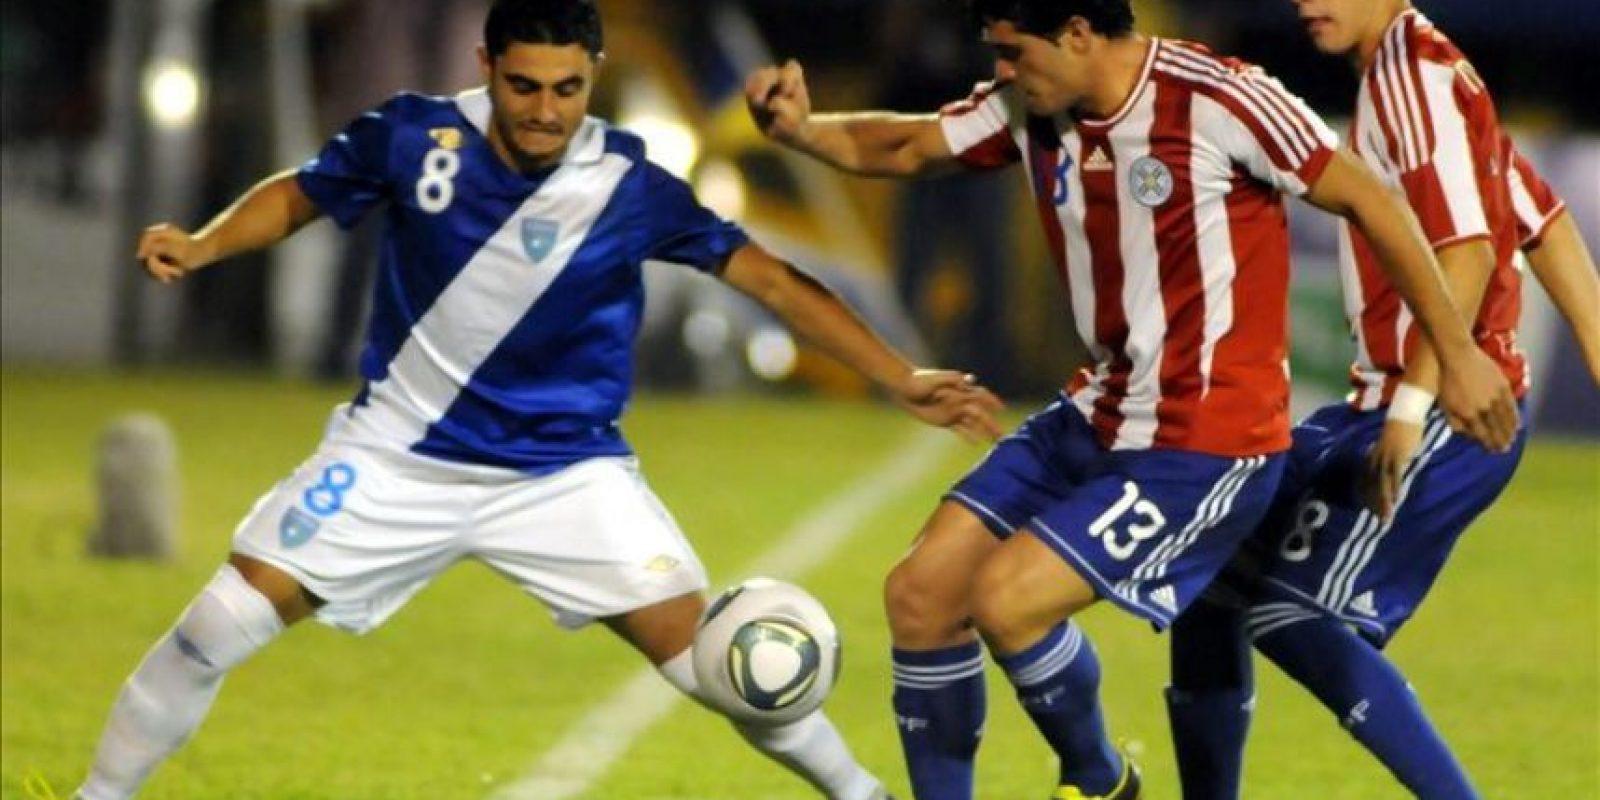 Los jugadores de la selección de Paraguay Ricard Salinas (c) y Jorge Mendoza (d) disputan el balón con Pedro Samayao (i) de Guatemala este 22 de febrero, durante el partido amistoso entre ambas selecciones que se disputa en la localidad de Luque, a 15 kilómetros de Asunción (Paraguay). EFE